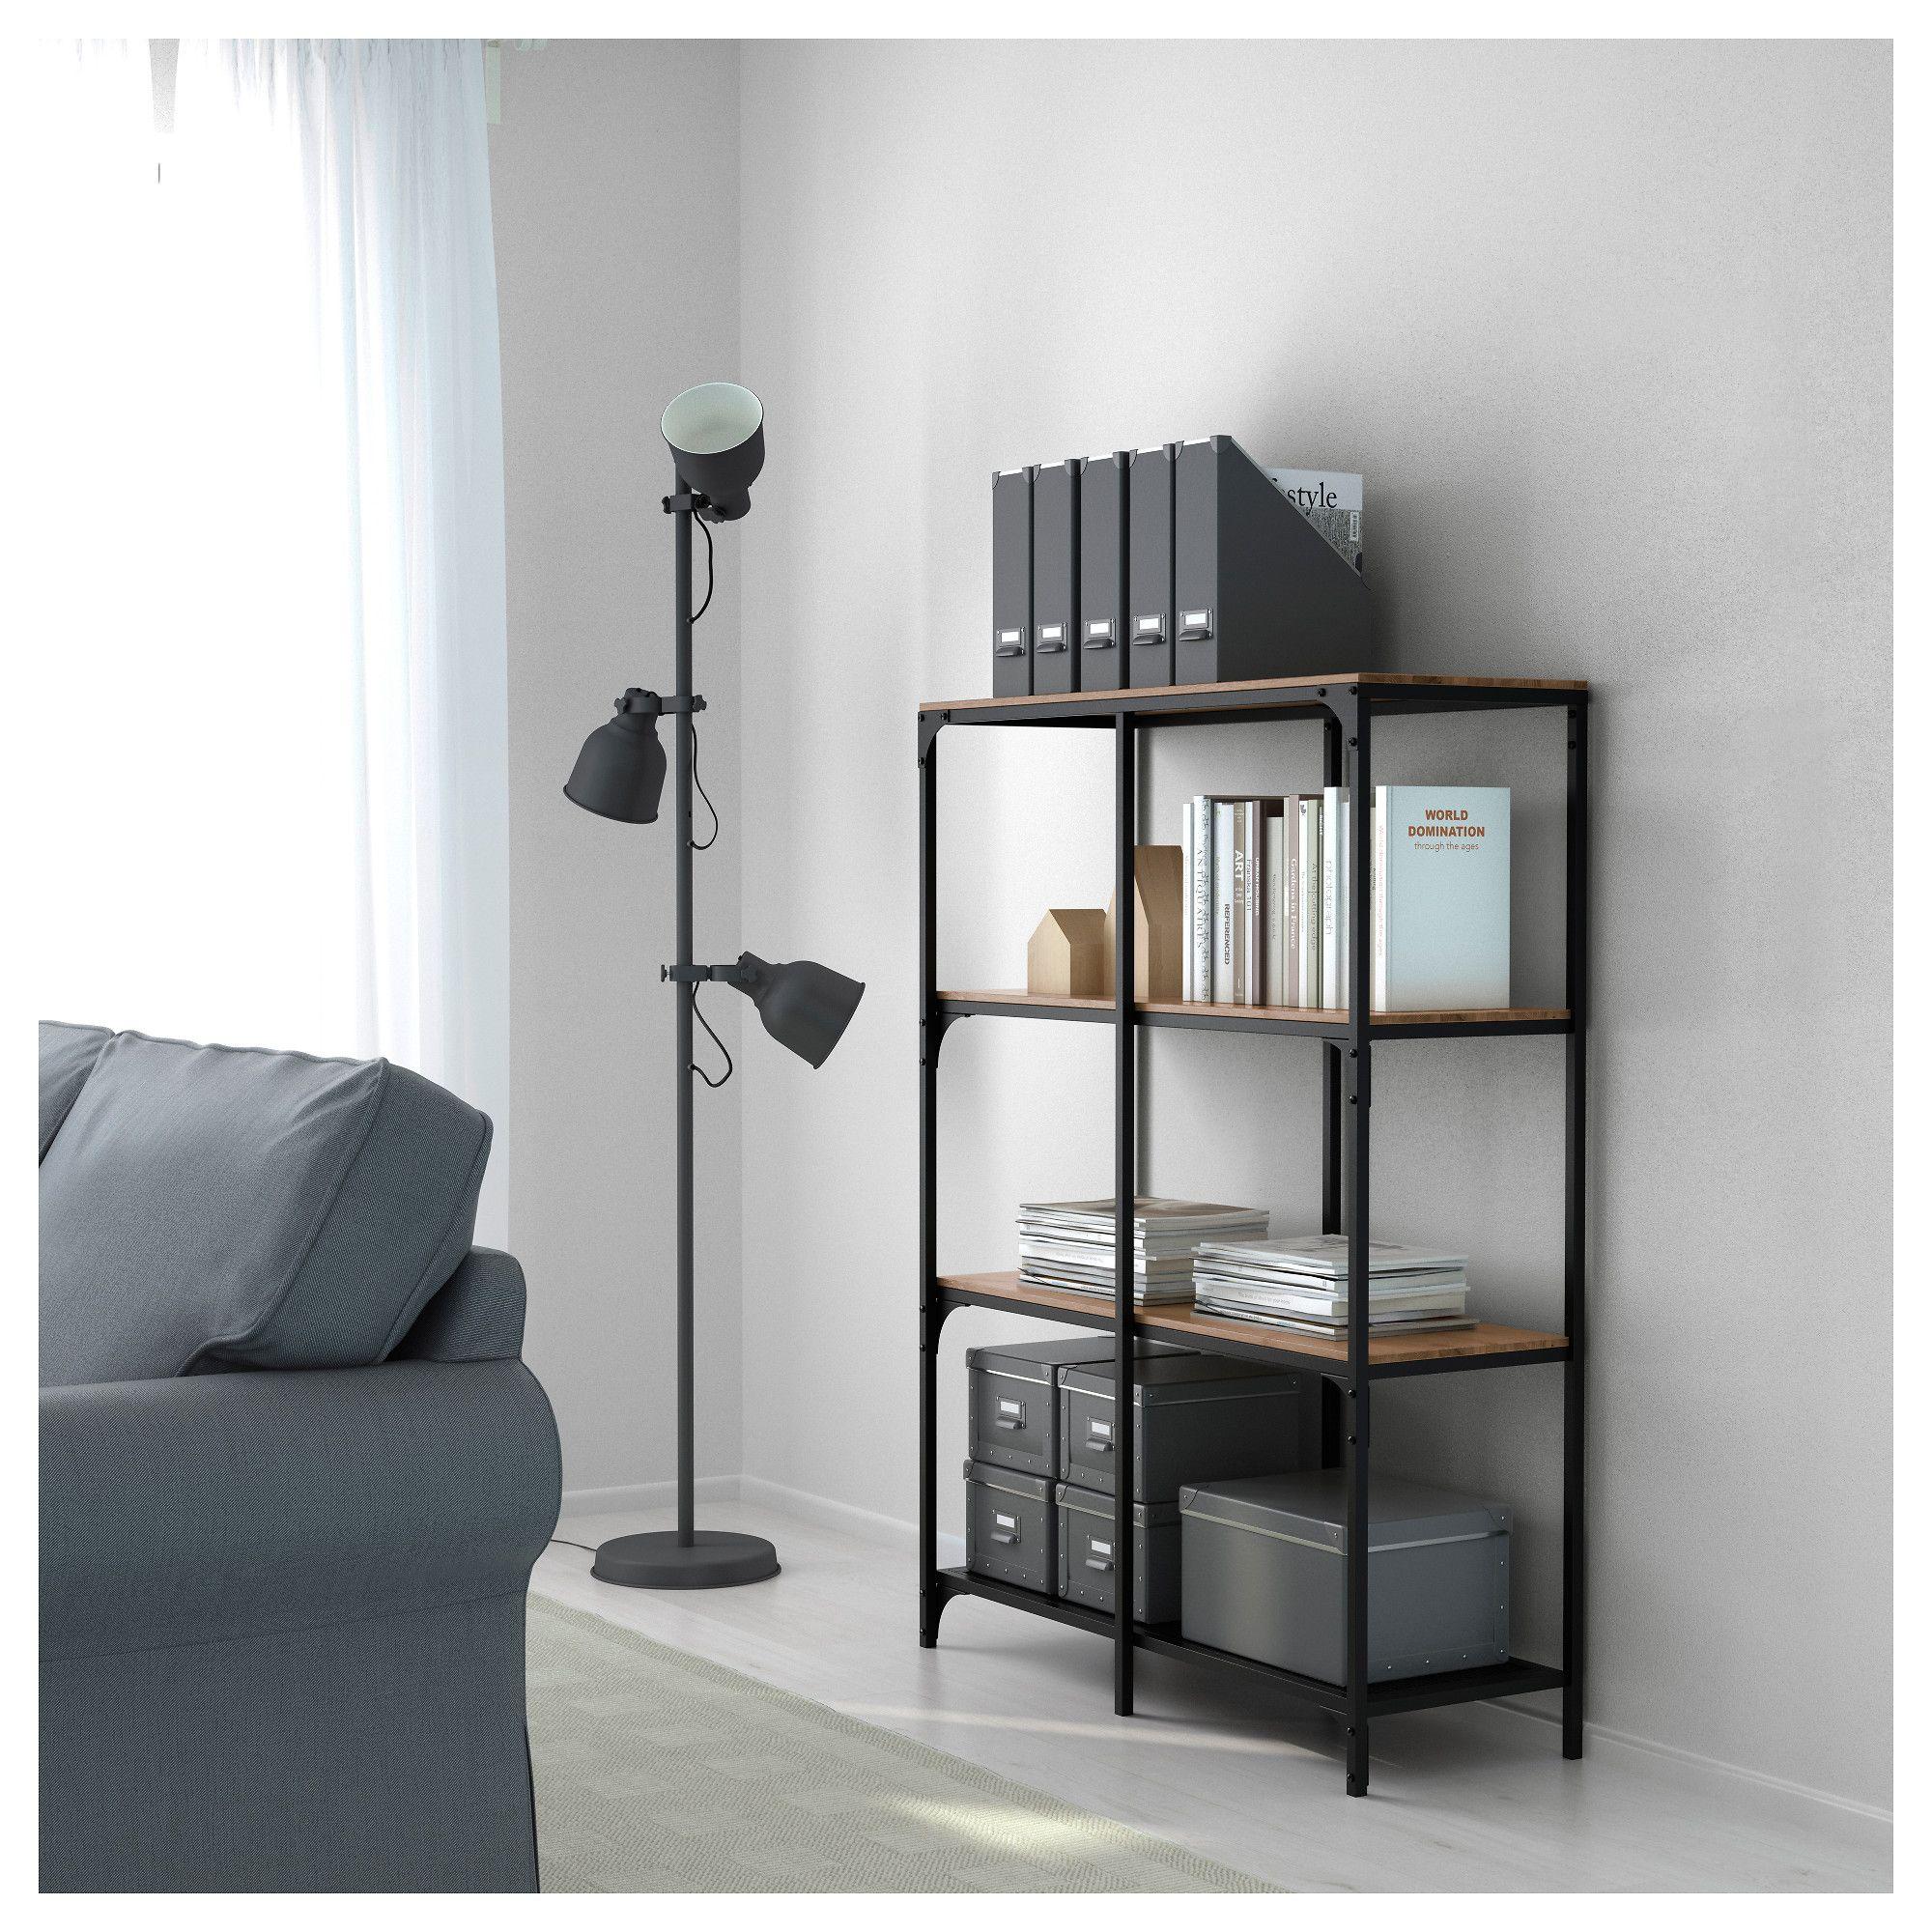 Fjallbo Shelf Unit Black 39 3 8x53 1 2 Ikea Shelving Unit